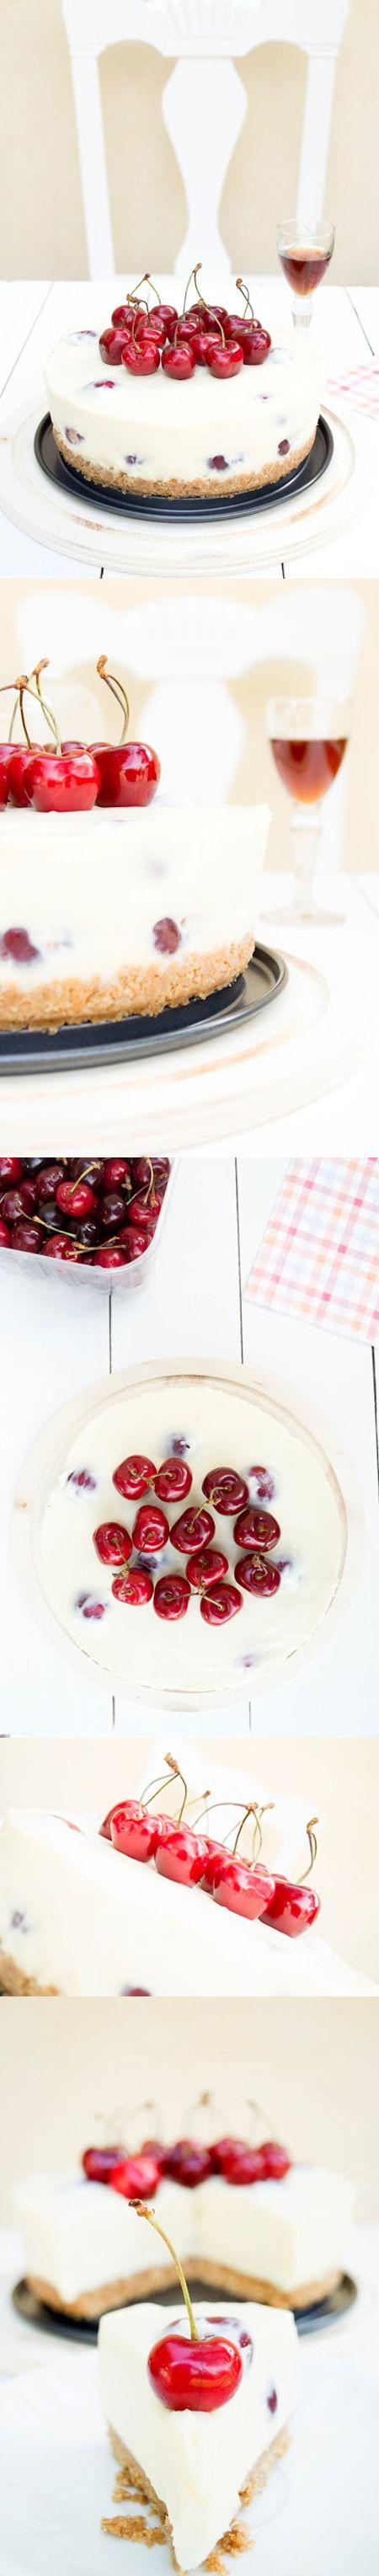 Tarta de queso con chocolate blanco y cerezas / http://midolceparadiso.blogspot.com.es/